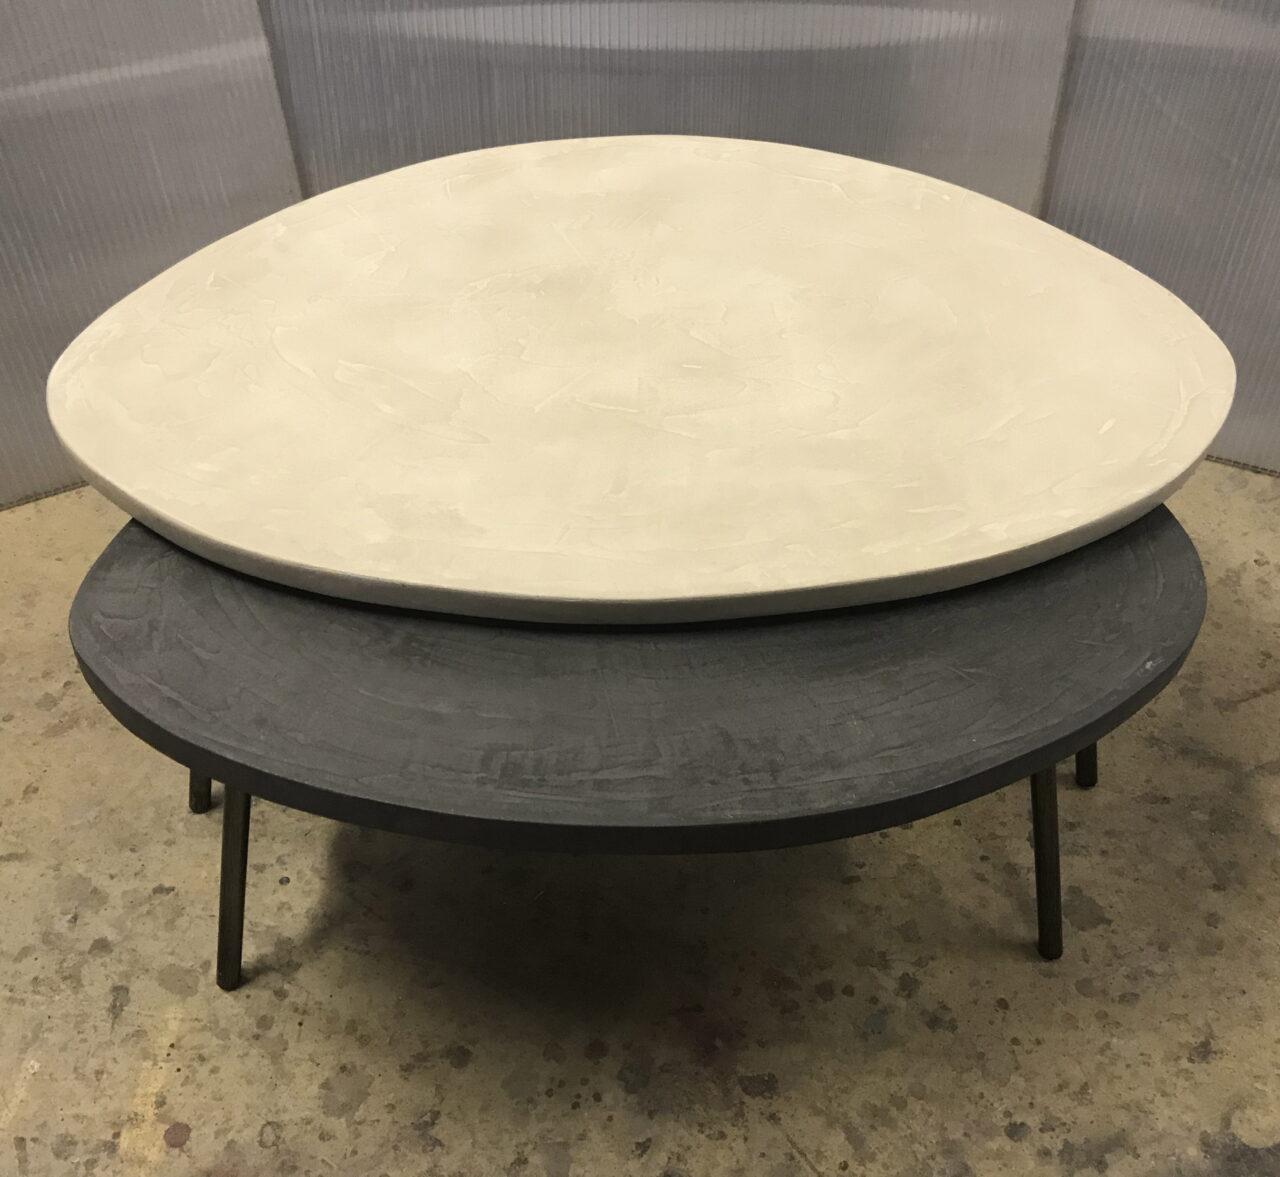 table basse gigogne vintage excitant table basse rangement bouteille with table basse gigogne. Black Bedroom Furniture Sets. Home Design Ideas